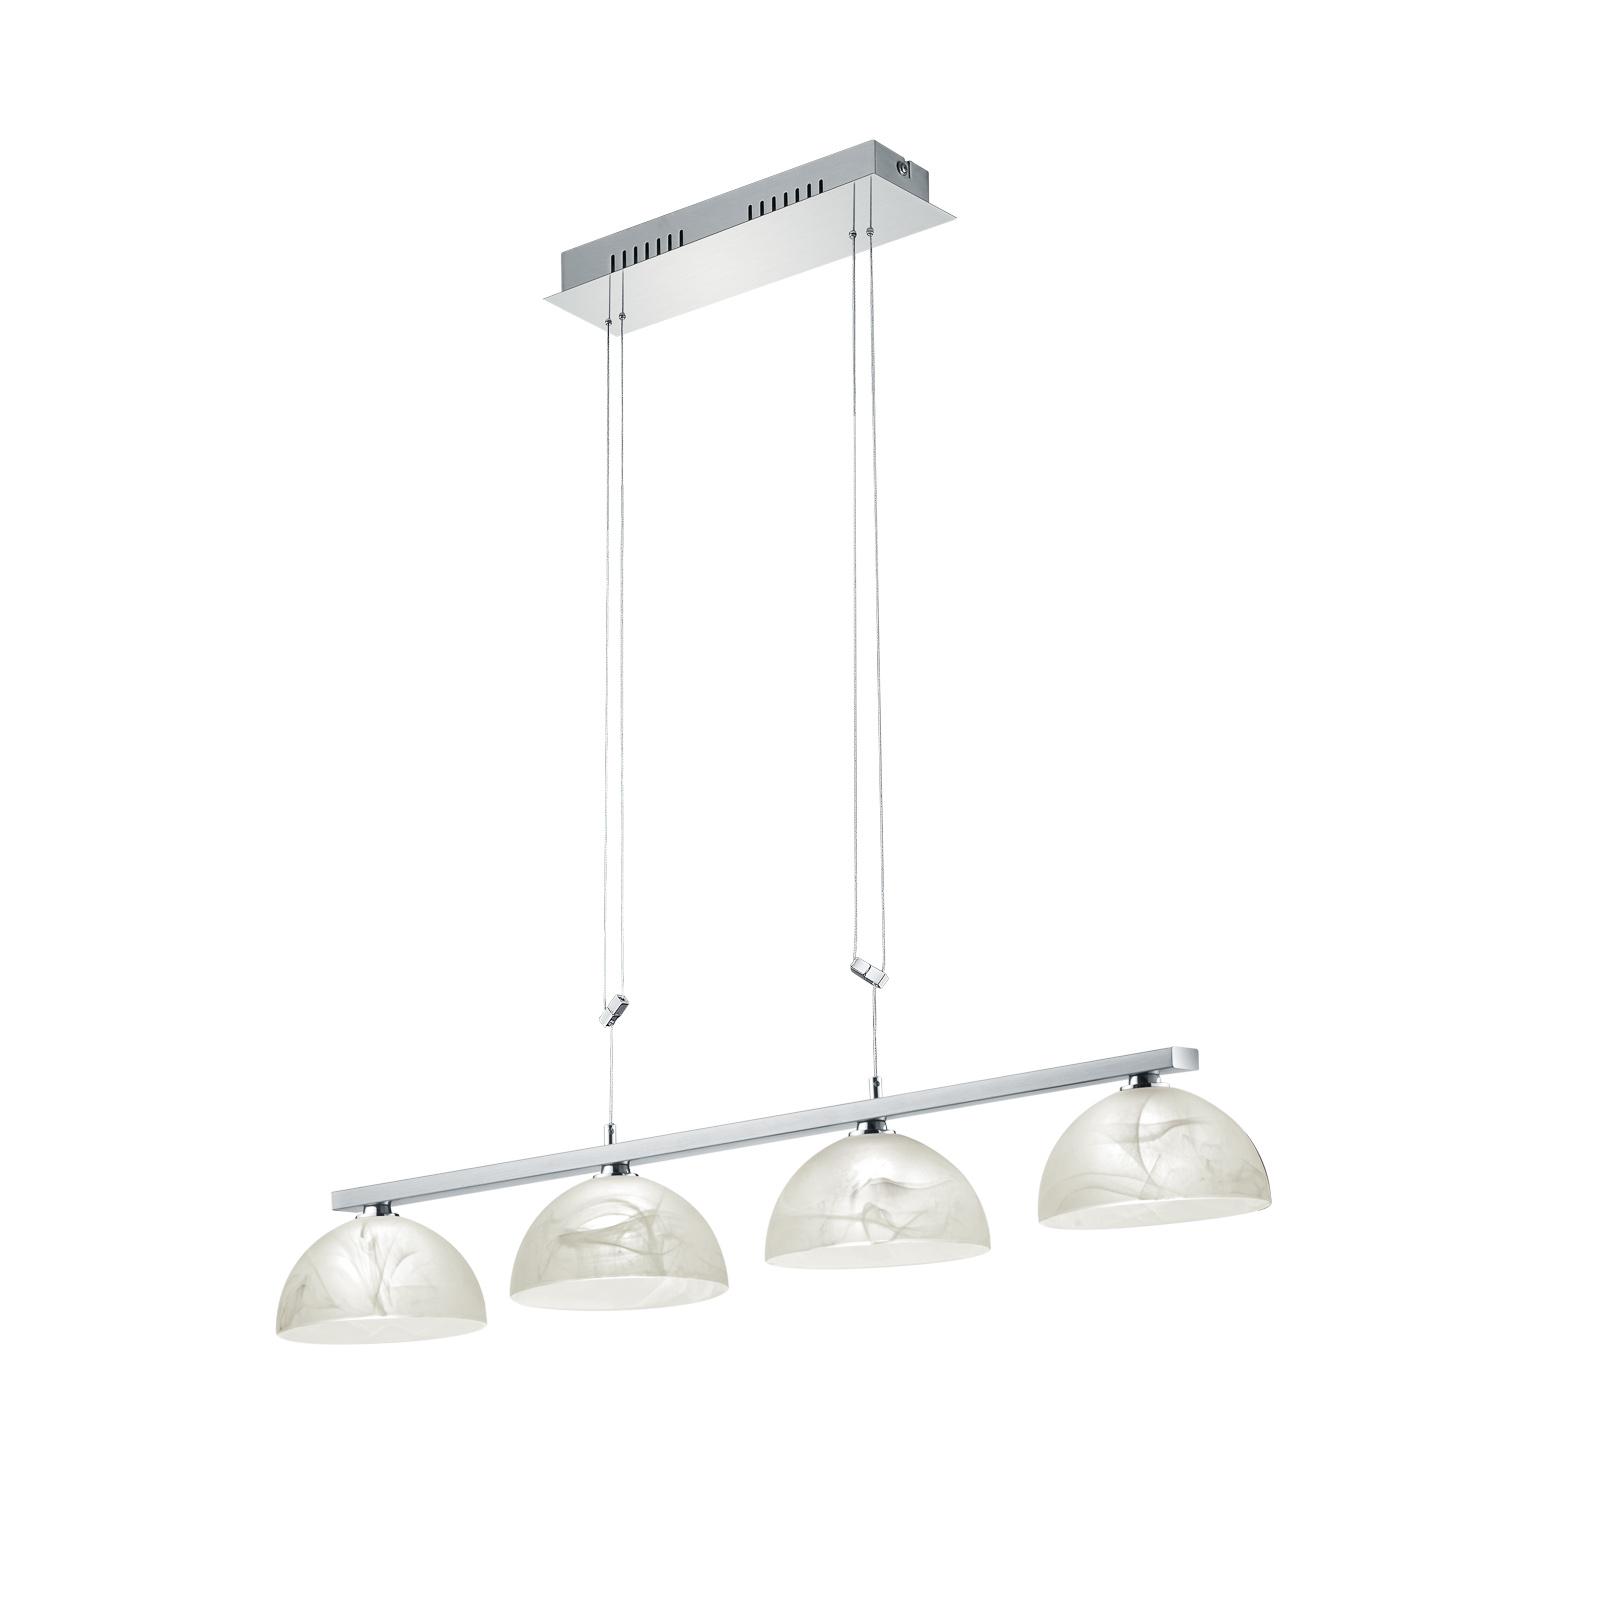 B-Leuchten Ebro LED-Hängeleuchte, höhenverstellbar